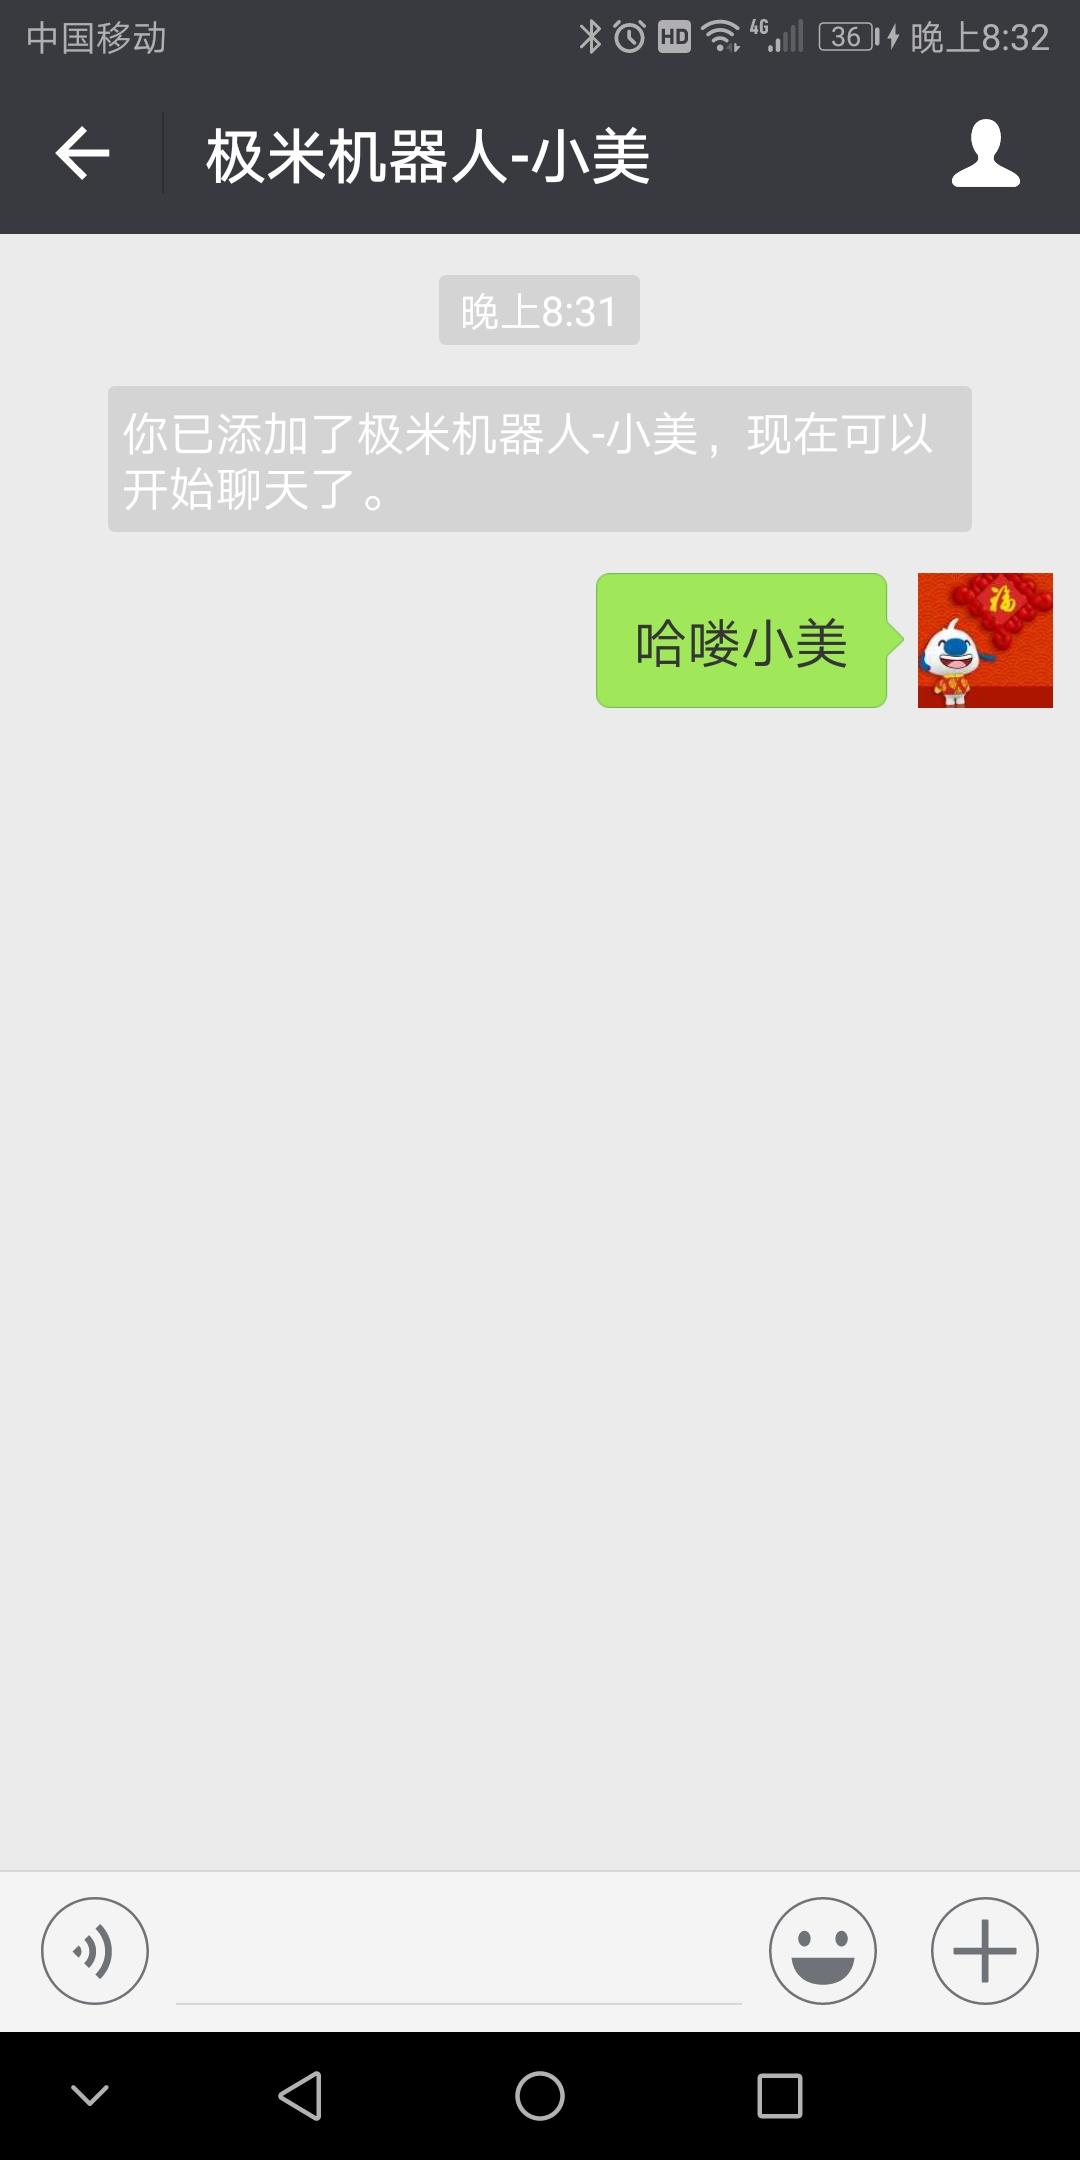 Screenshot_20180613-203208.jpg